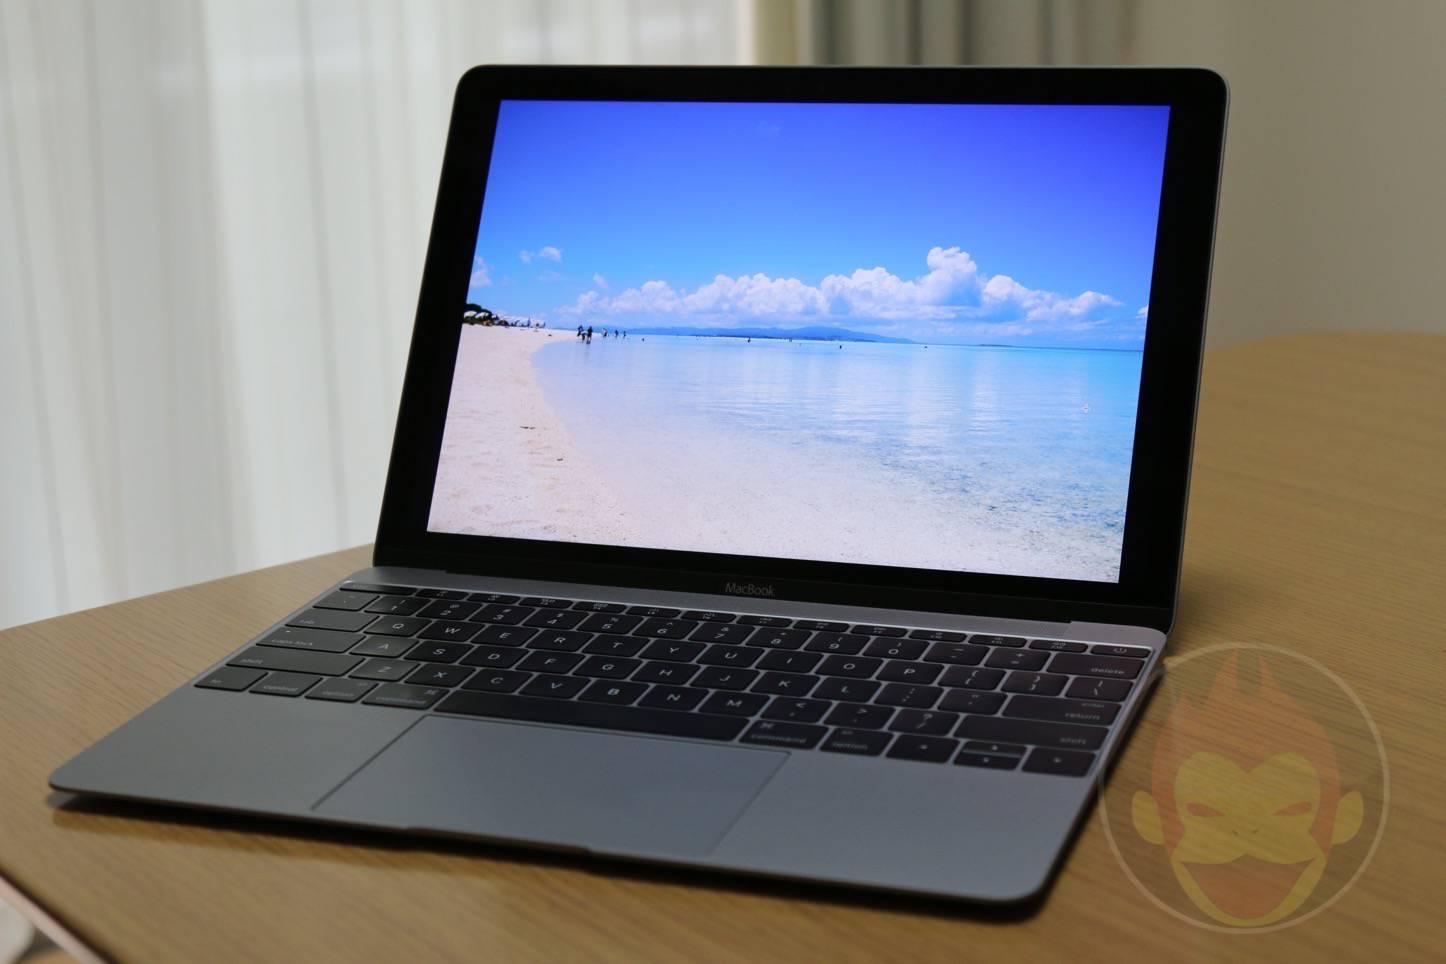 MacBook-12-Review-Usage-01.JPG